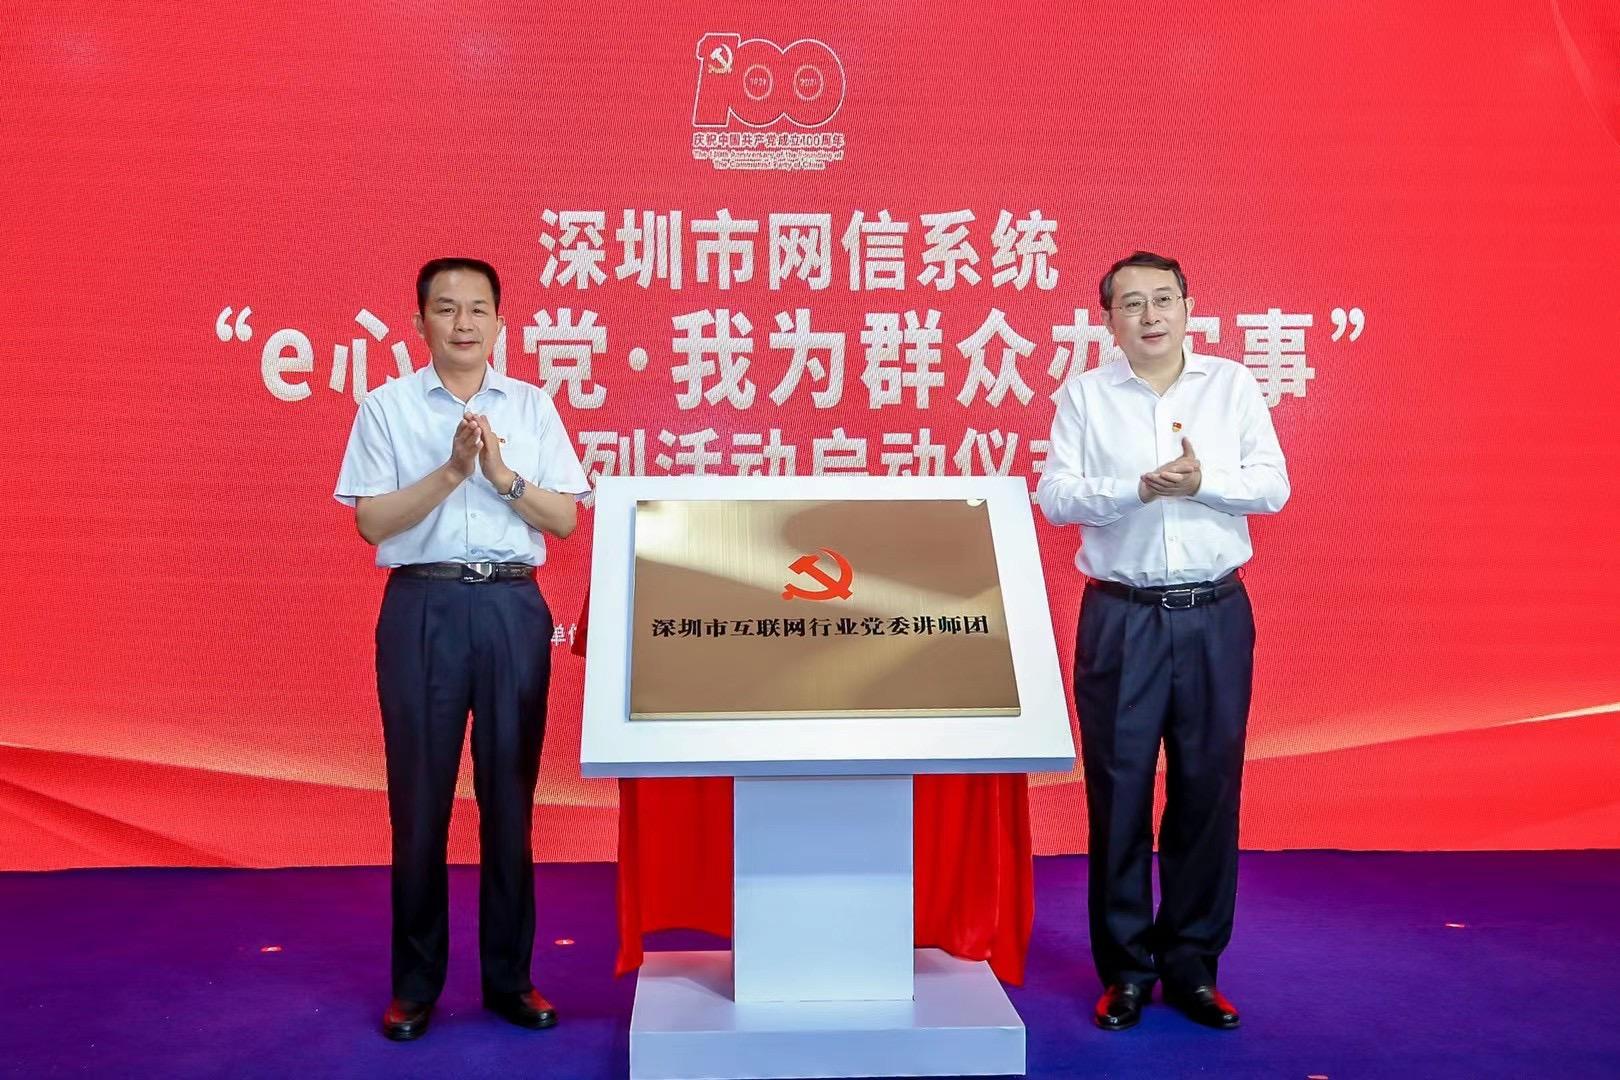 深圳成立互联网行业党委讲师团 27人成为特聘讲师